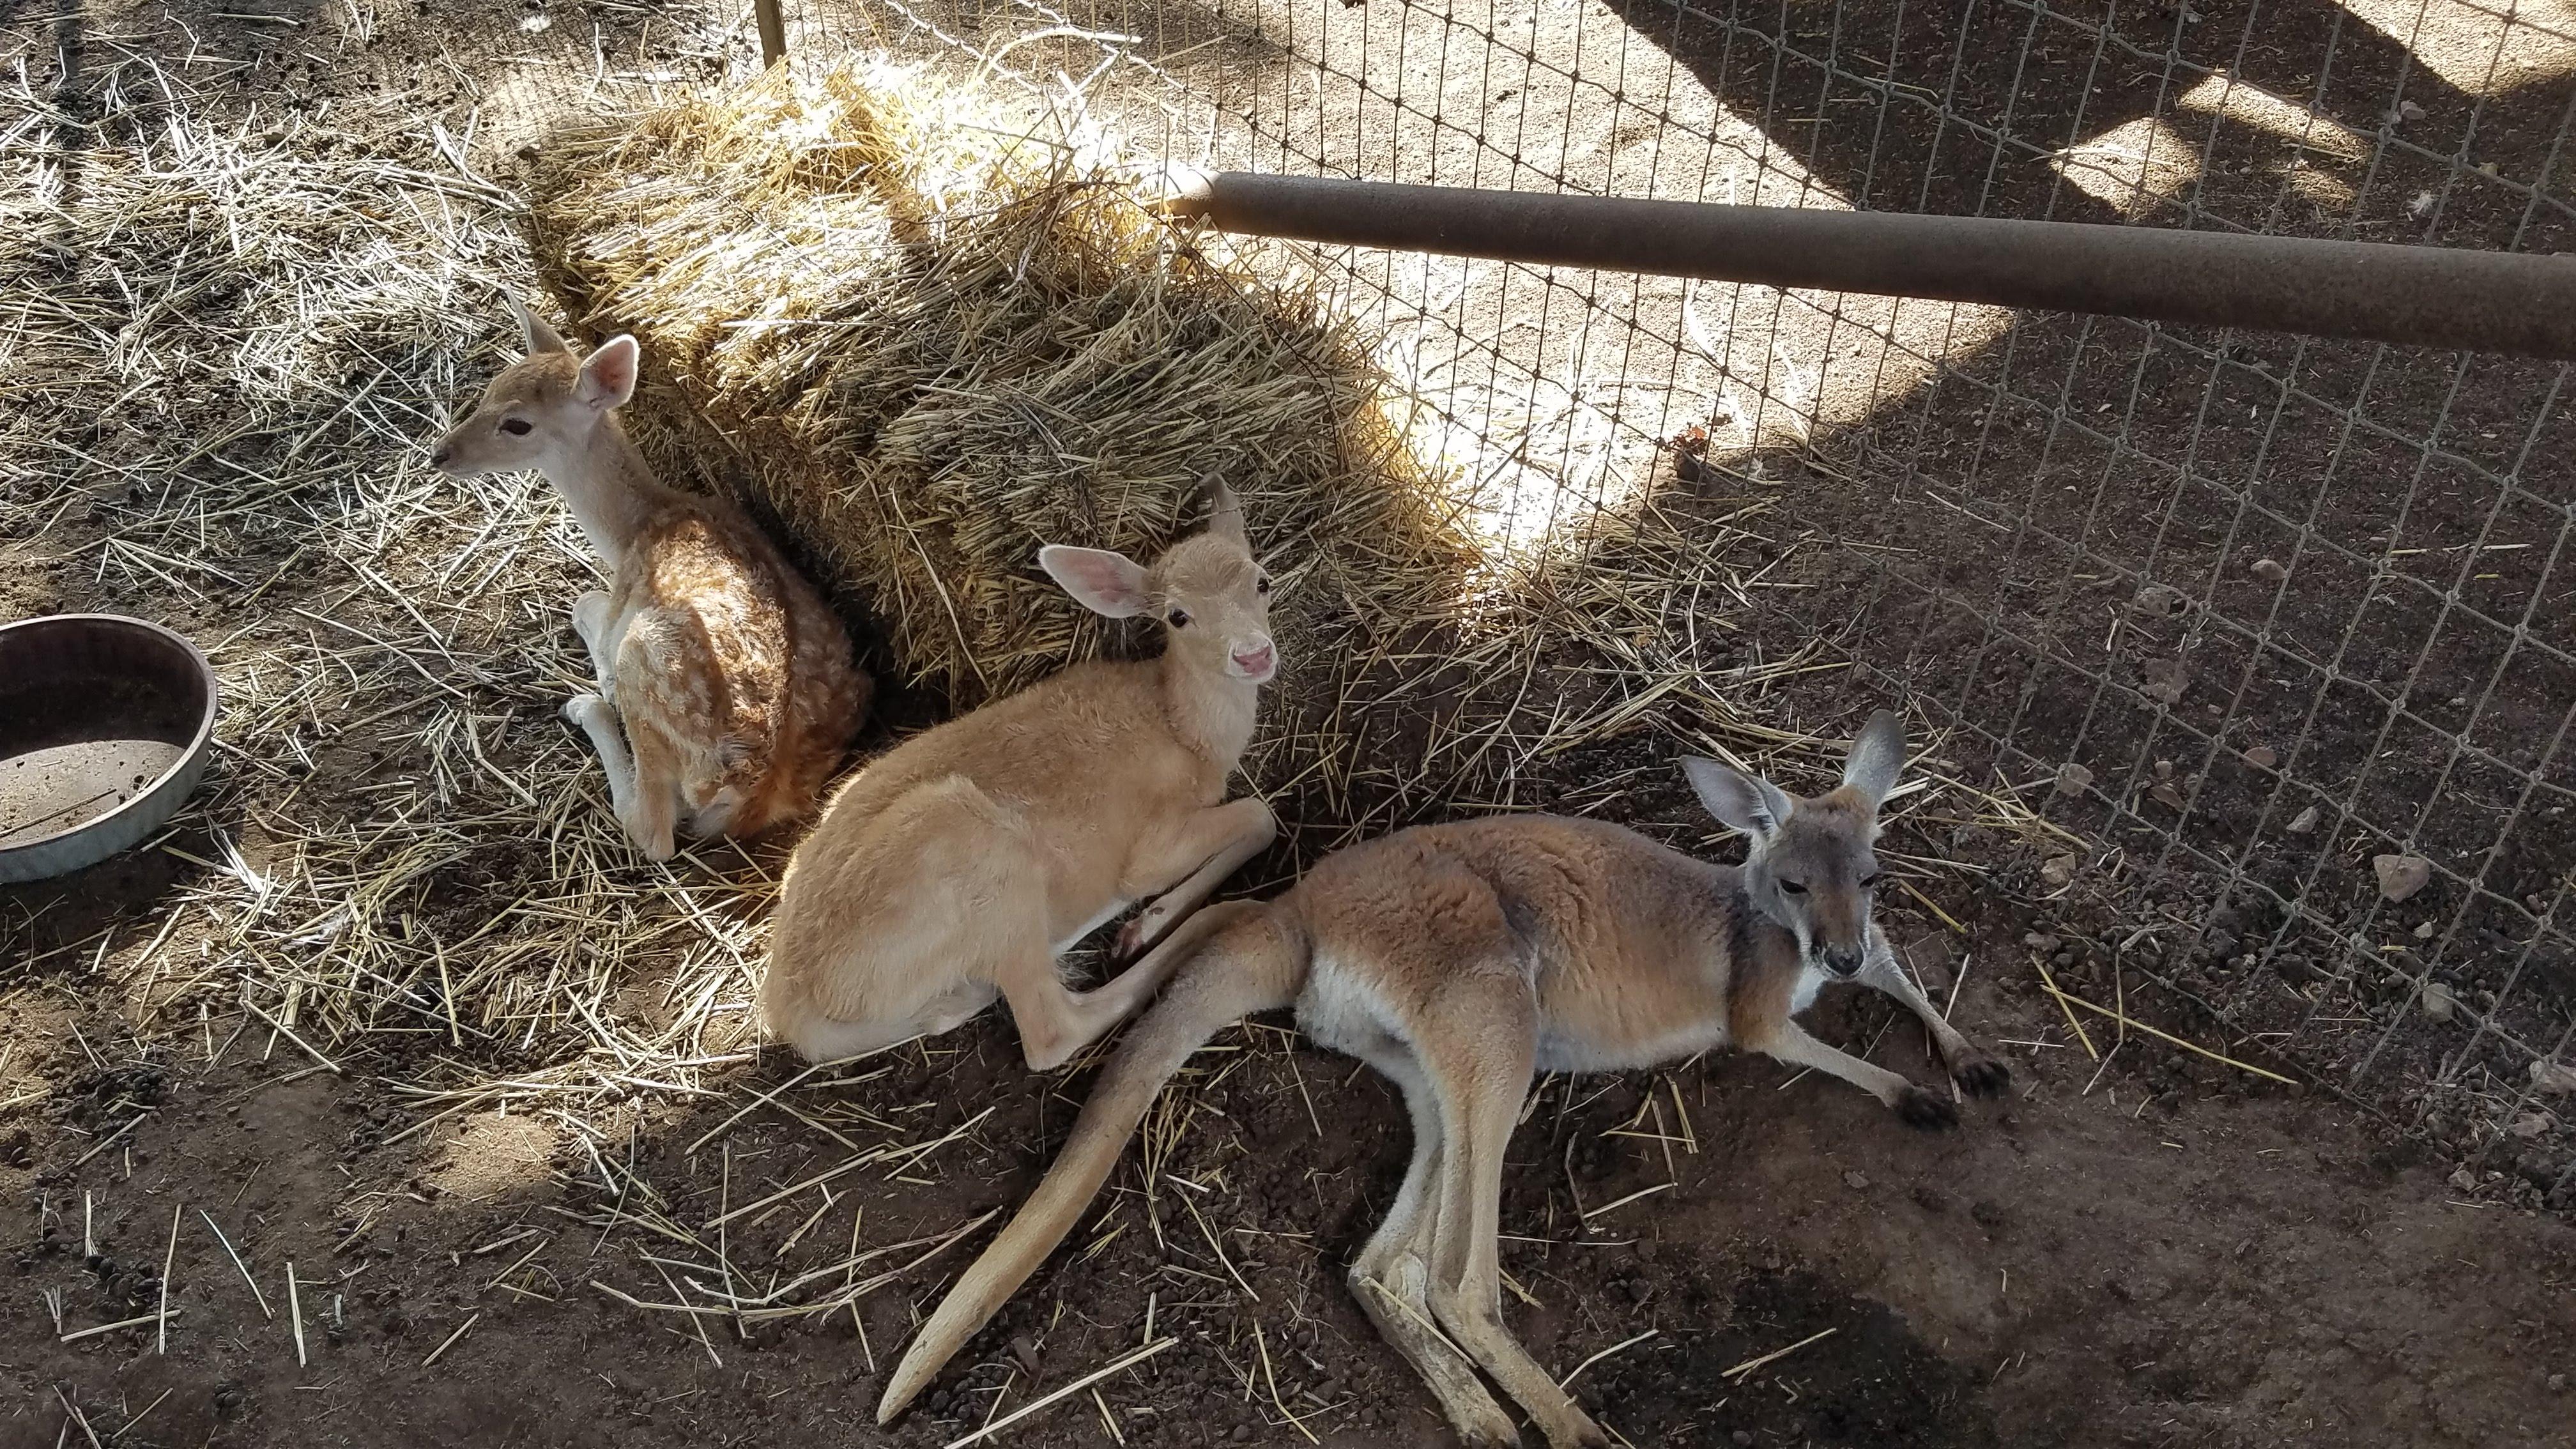 Kangaroo and Deer Friends